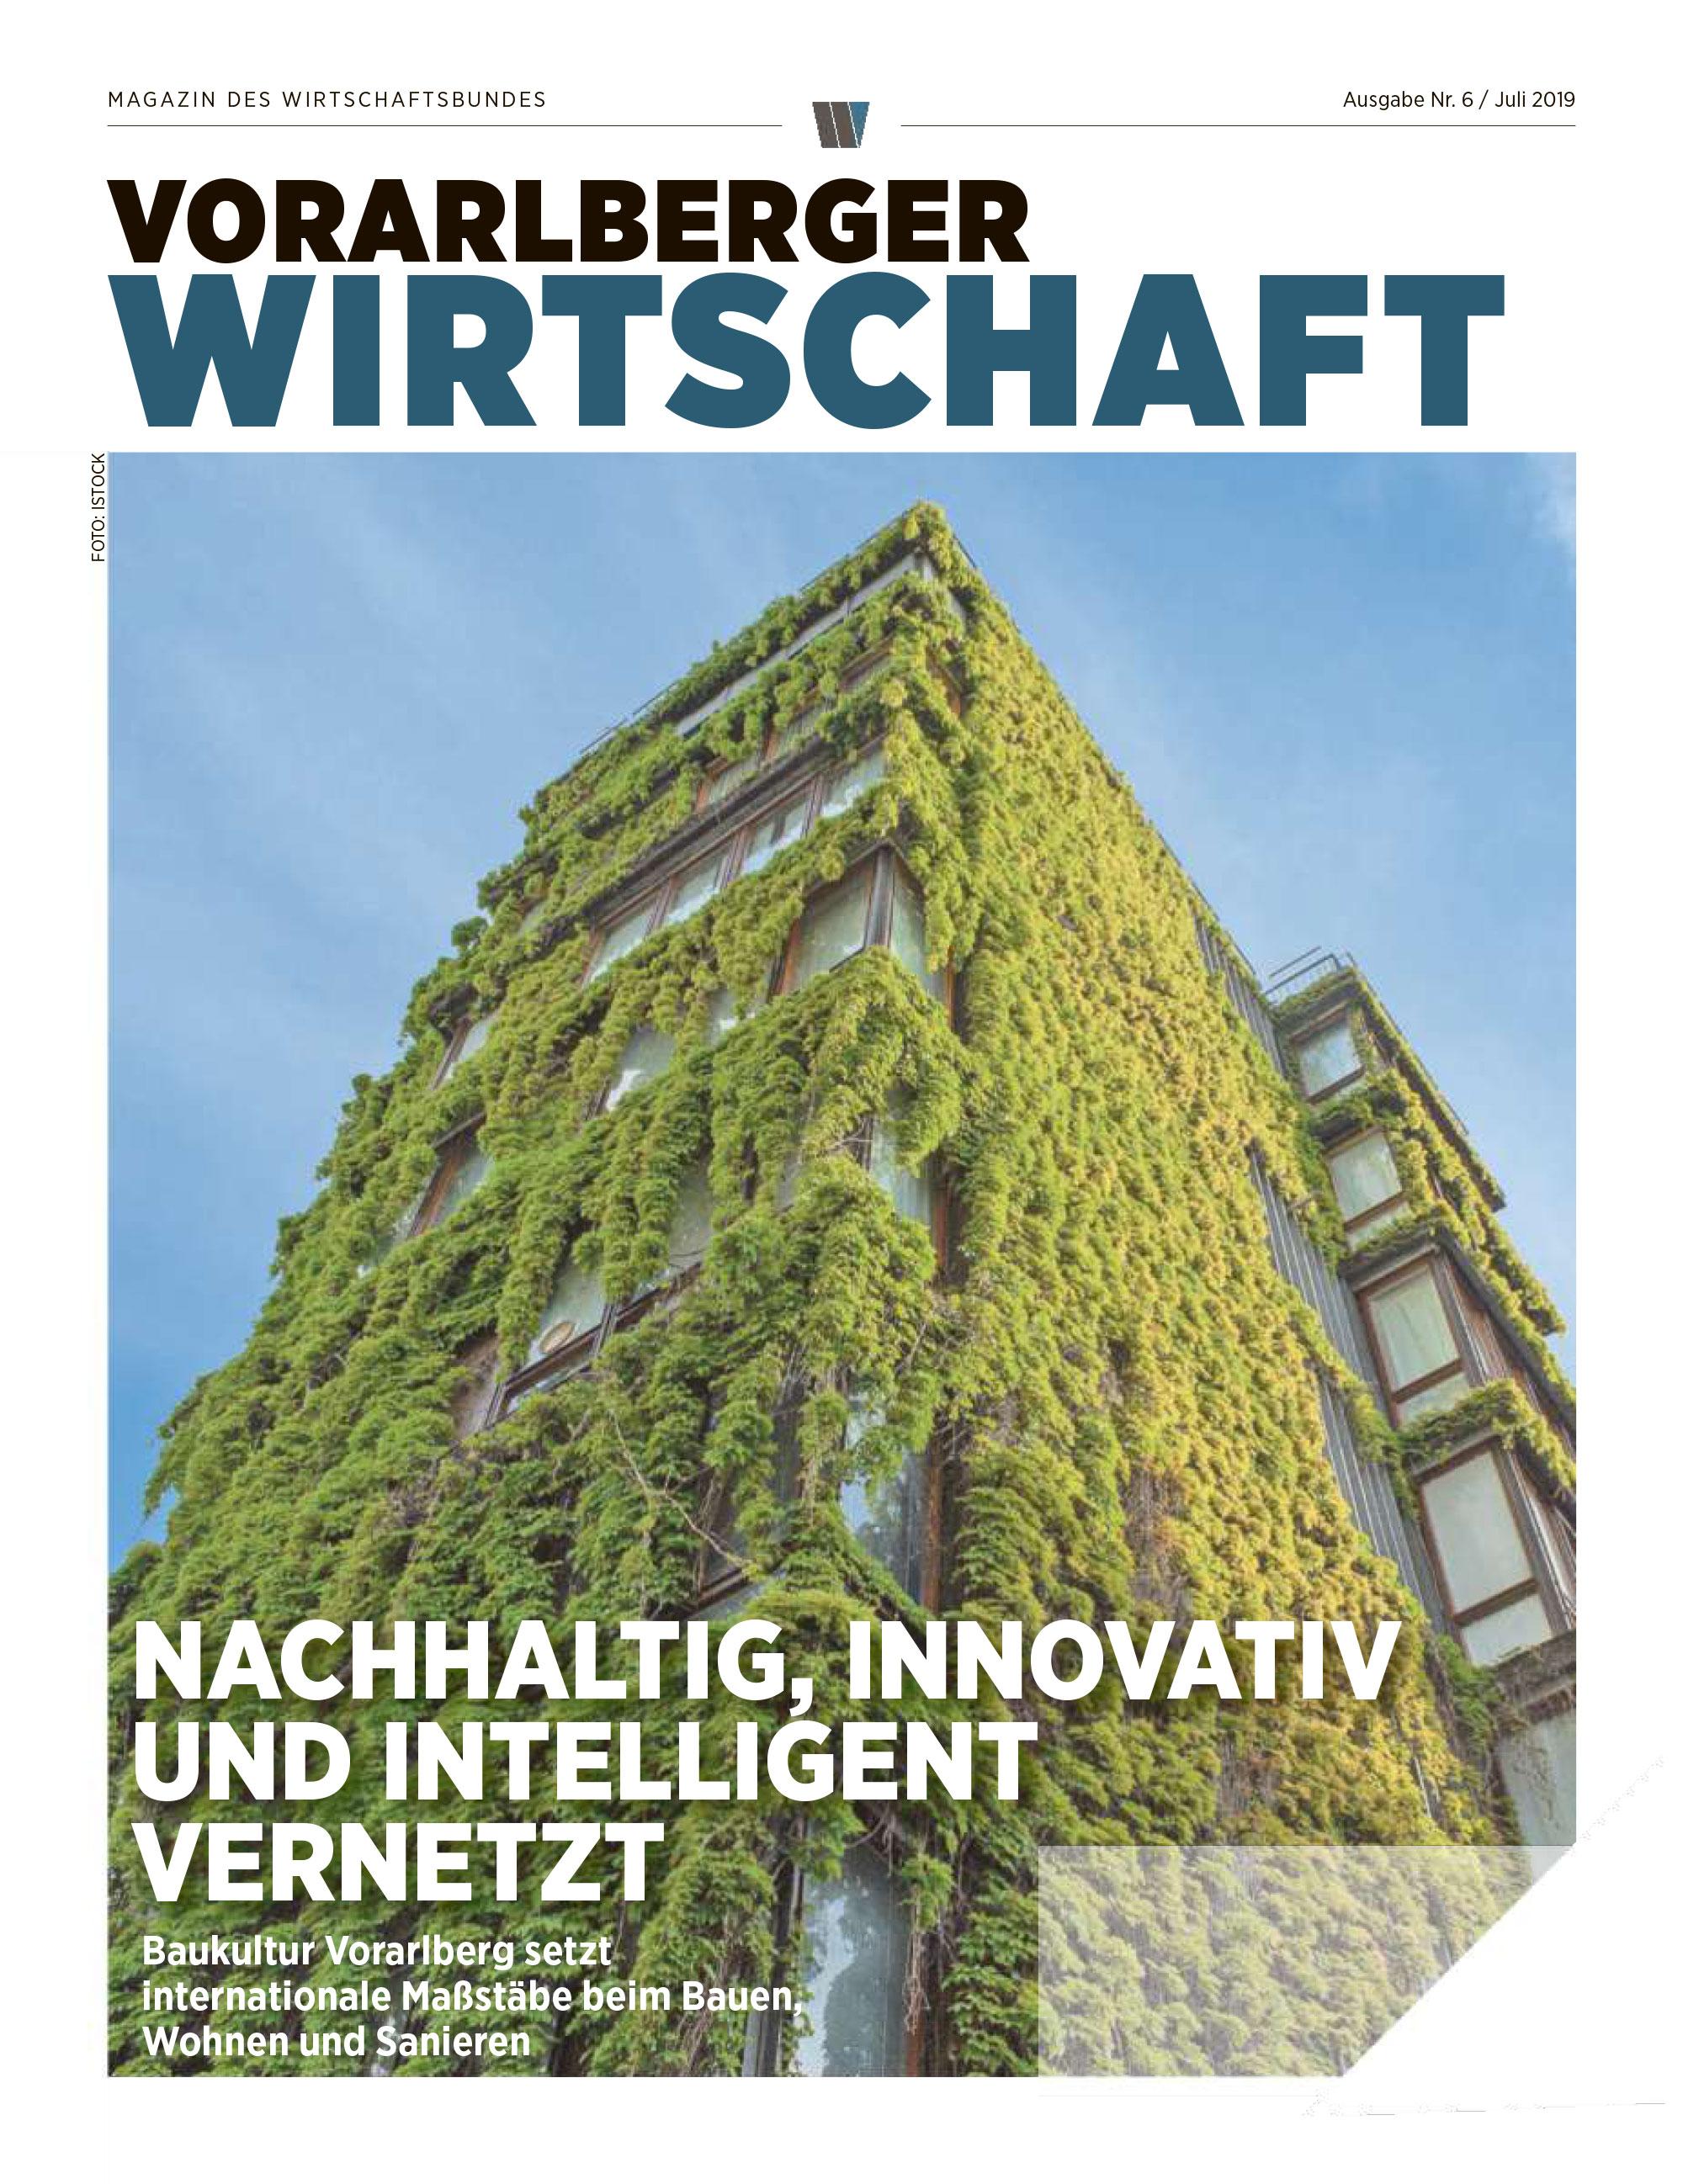 Vorarlberger-Wirtschaft_Juli_07_2019_Nützliche-Wissensdokumente-schreiben